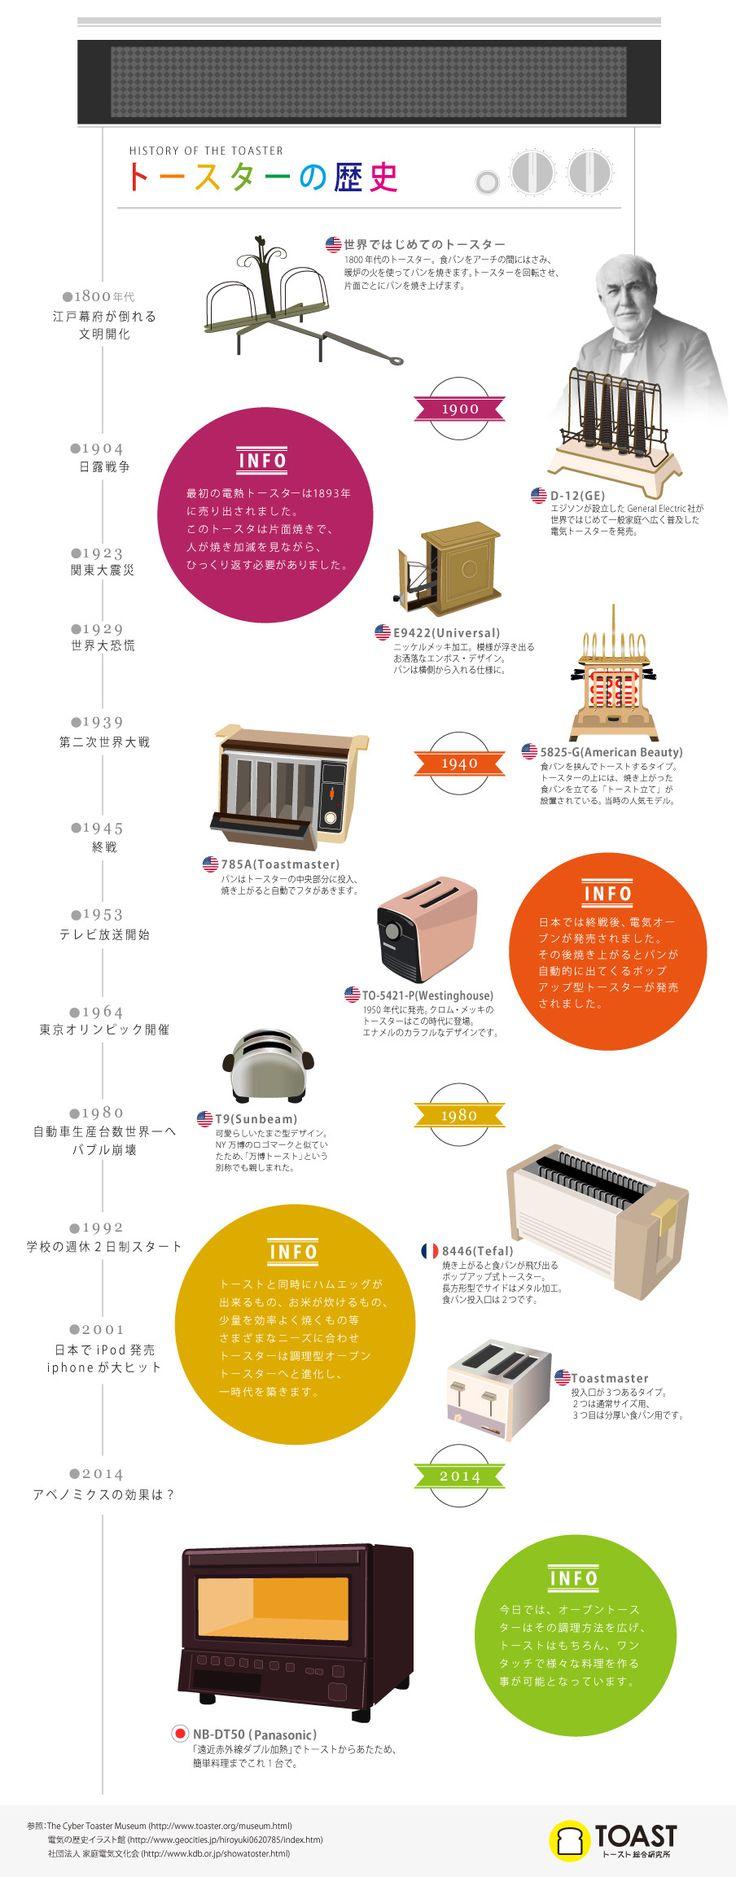 infogra.me(インフォグラミー)| トースターの歴史がわかるインフォグラフィック!